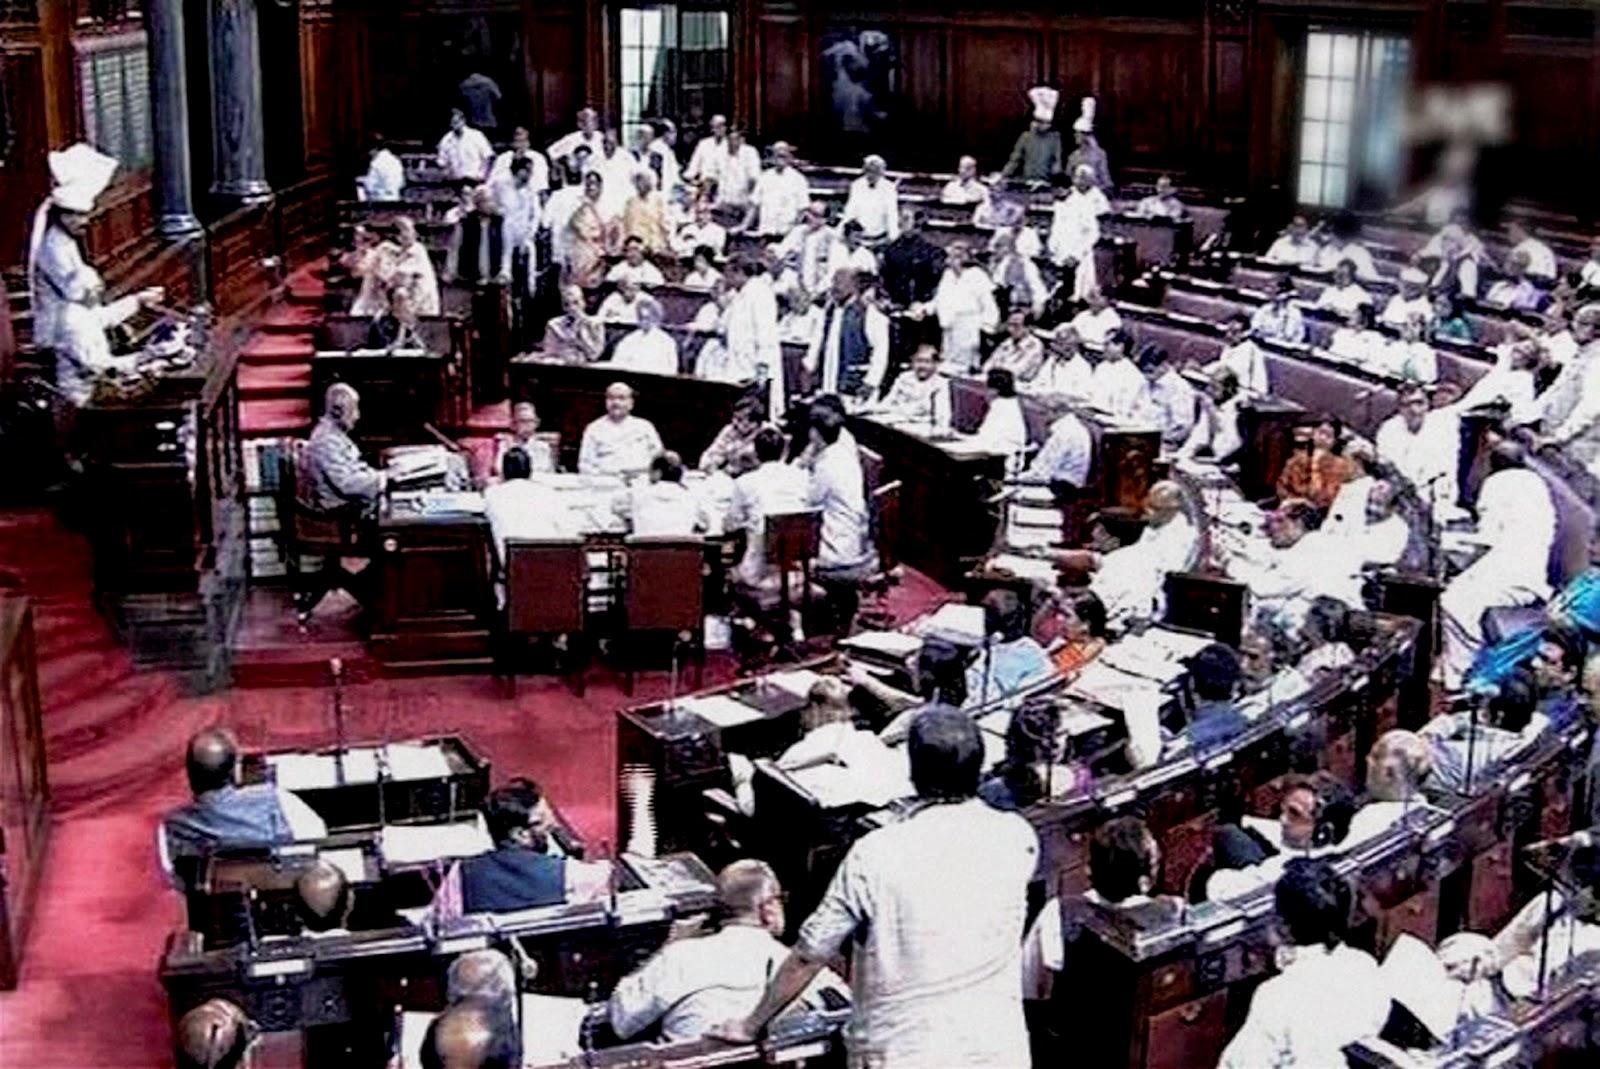 राज्यसभा भारतीय लोकतंत्र की ऊपरी प्रतिनिधि सभा है। लोकसभा निचली प्रतिनिधि सभा है।